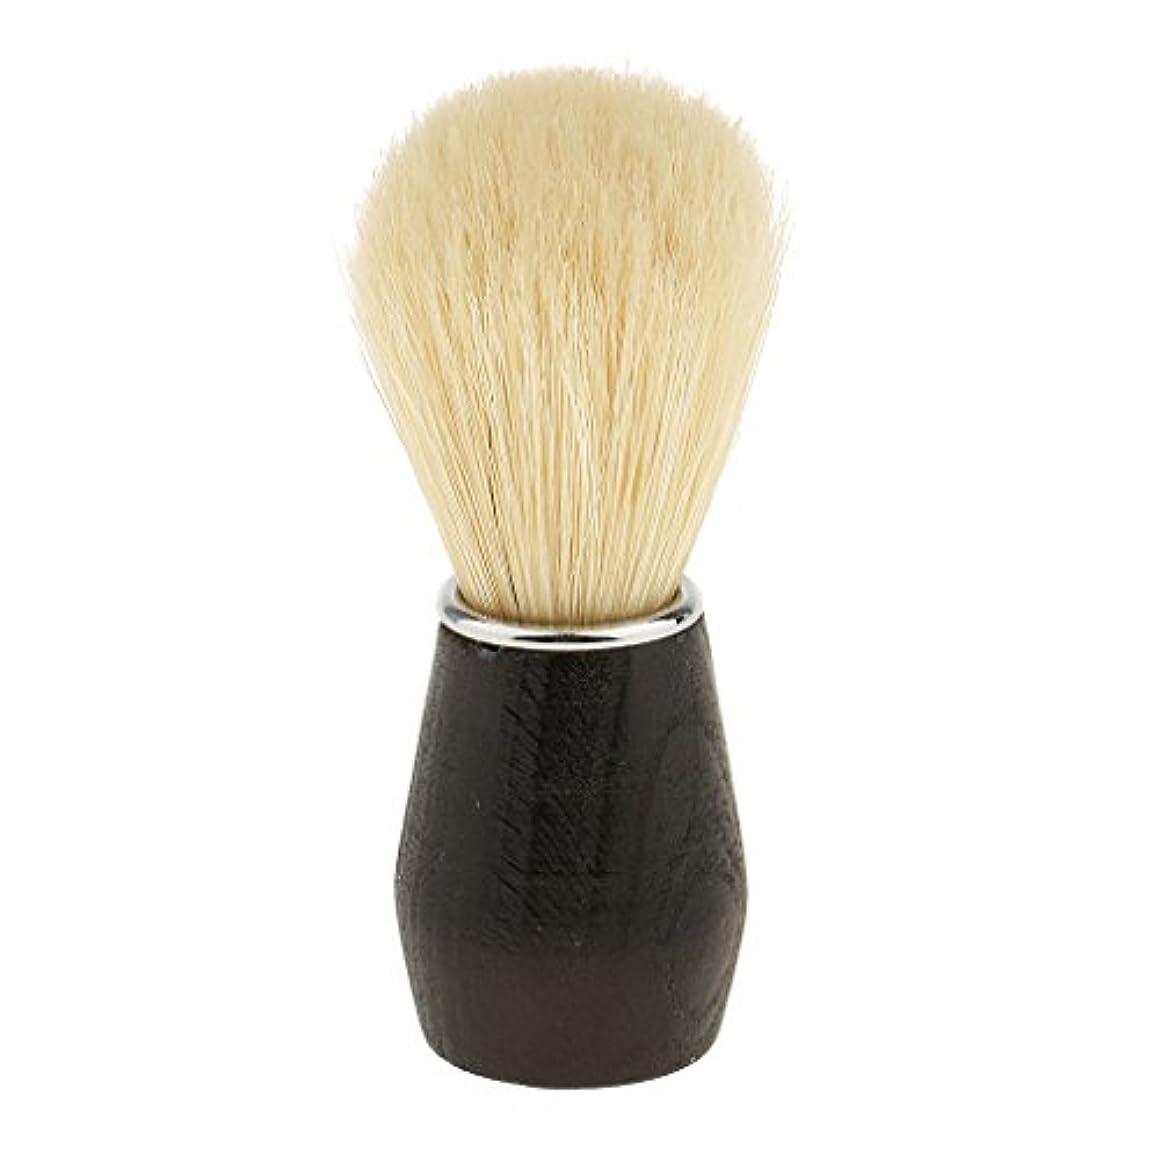 割り当てに関してひねりひげ剃りブラシ シェービングブラシ 毛髭ブラシ フェイシャルクリーニングブラシ プラスチックハンドル